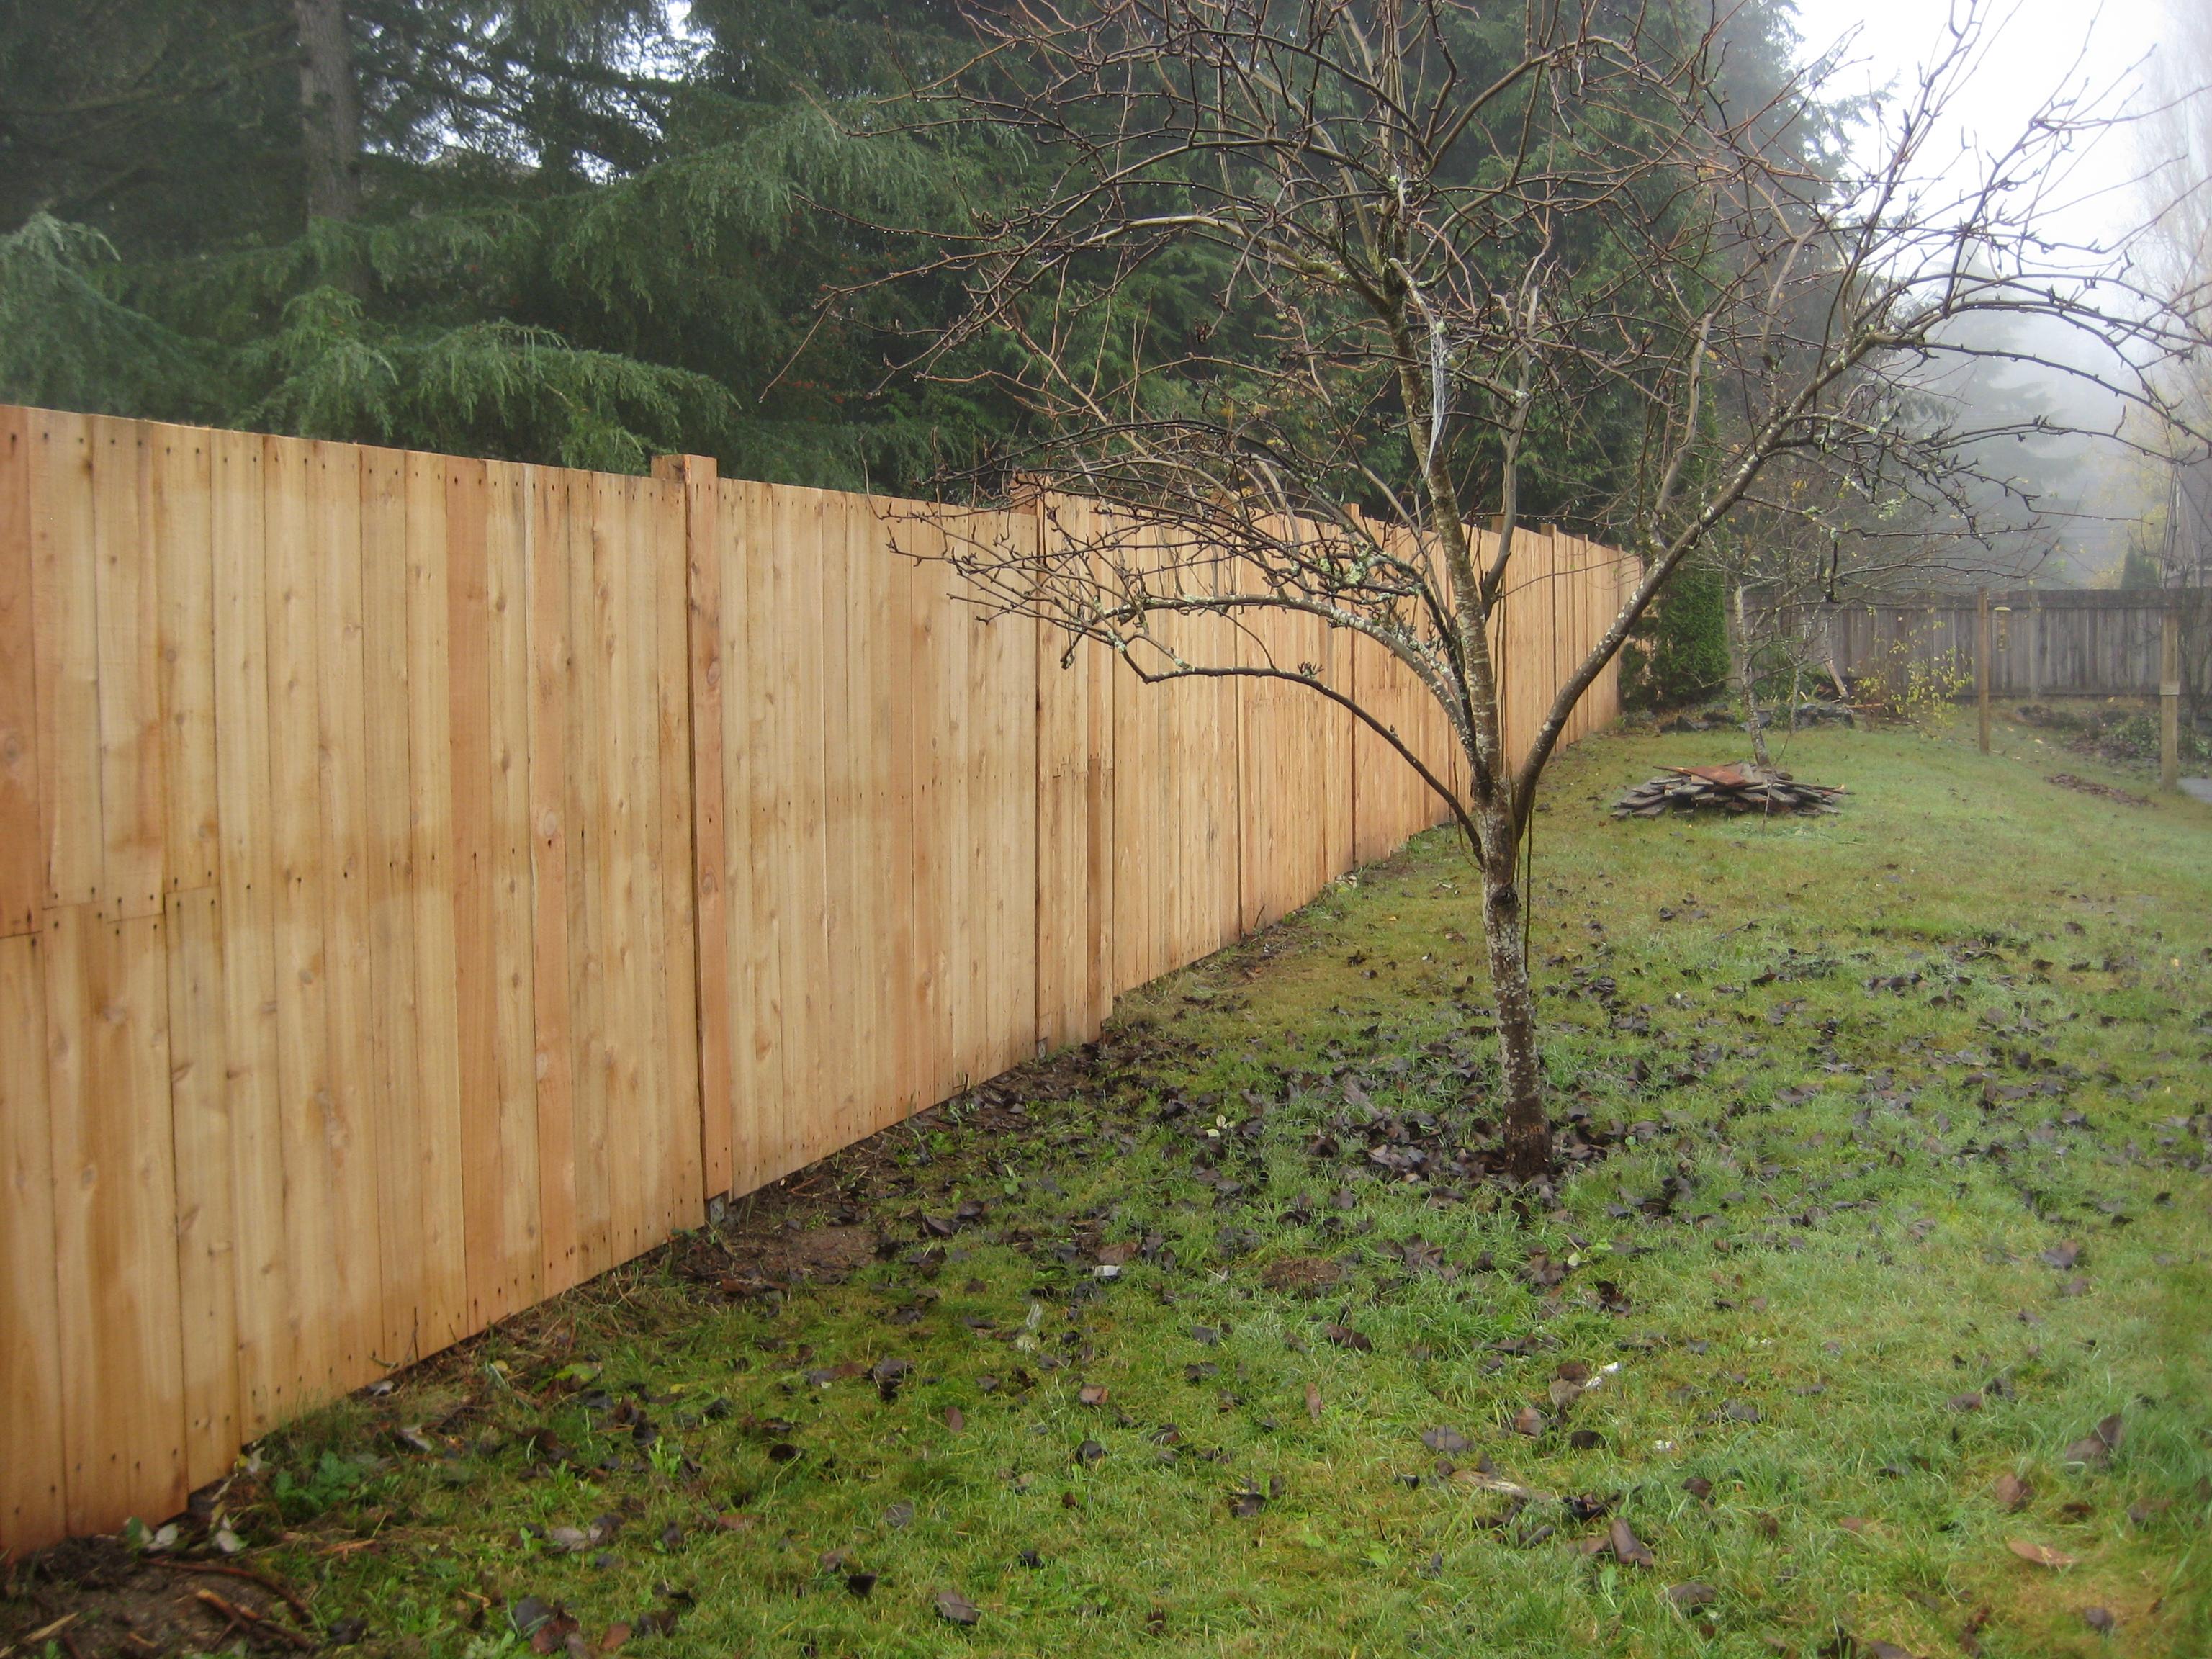 University Place fence 1(a)